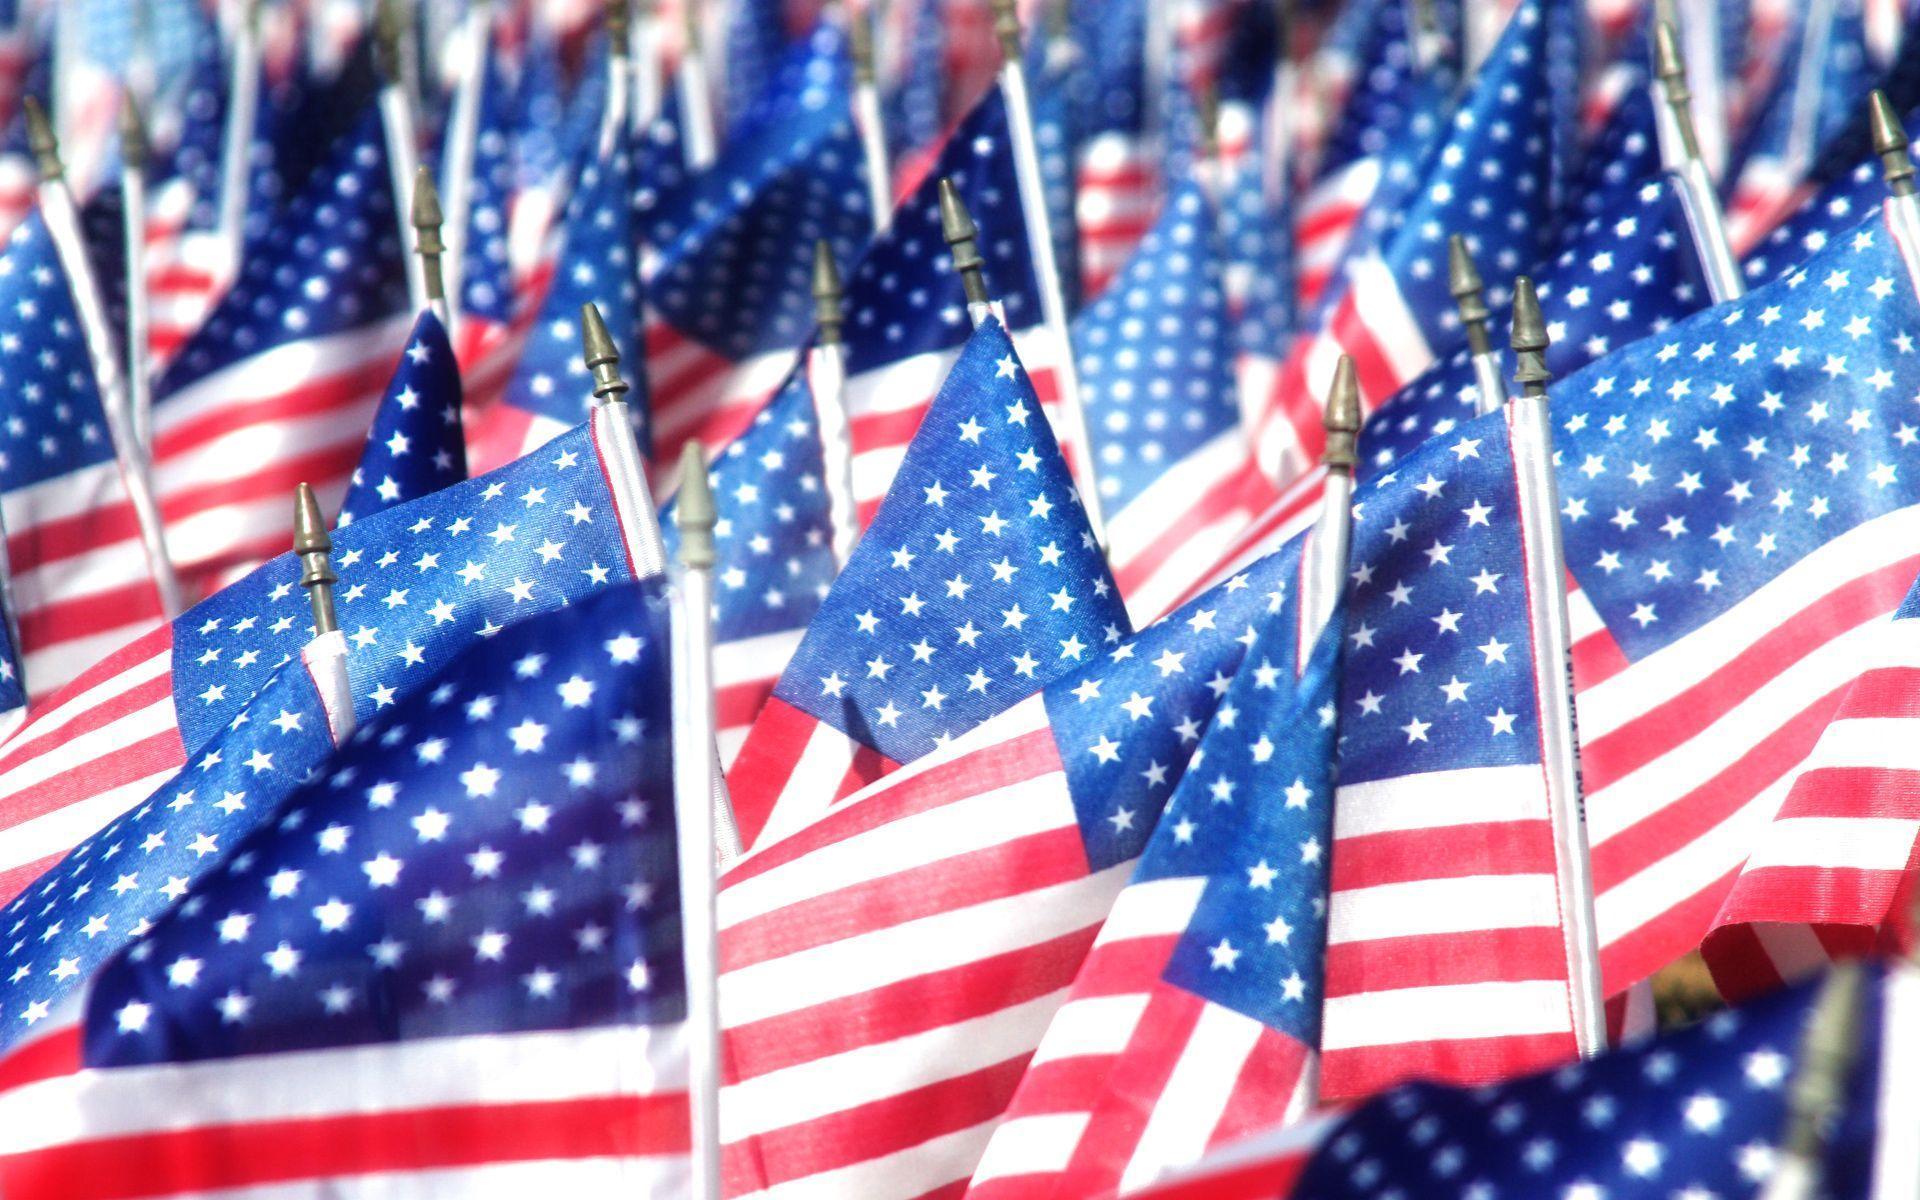 veterans day desktop wallpaper - www.high-definition-wallpaper.com